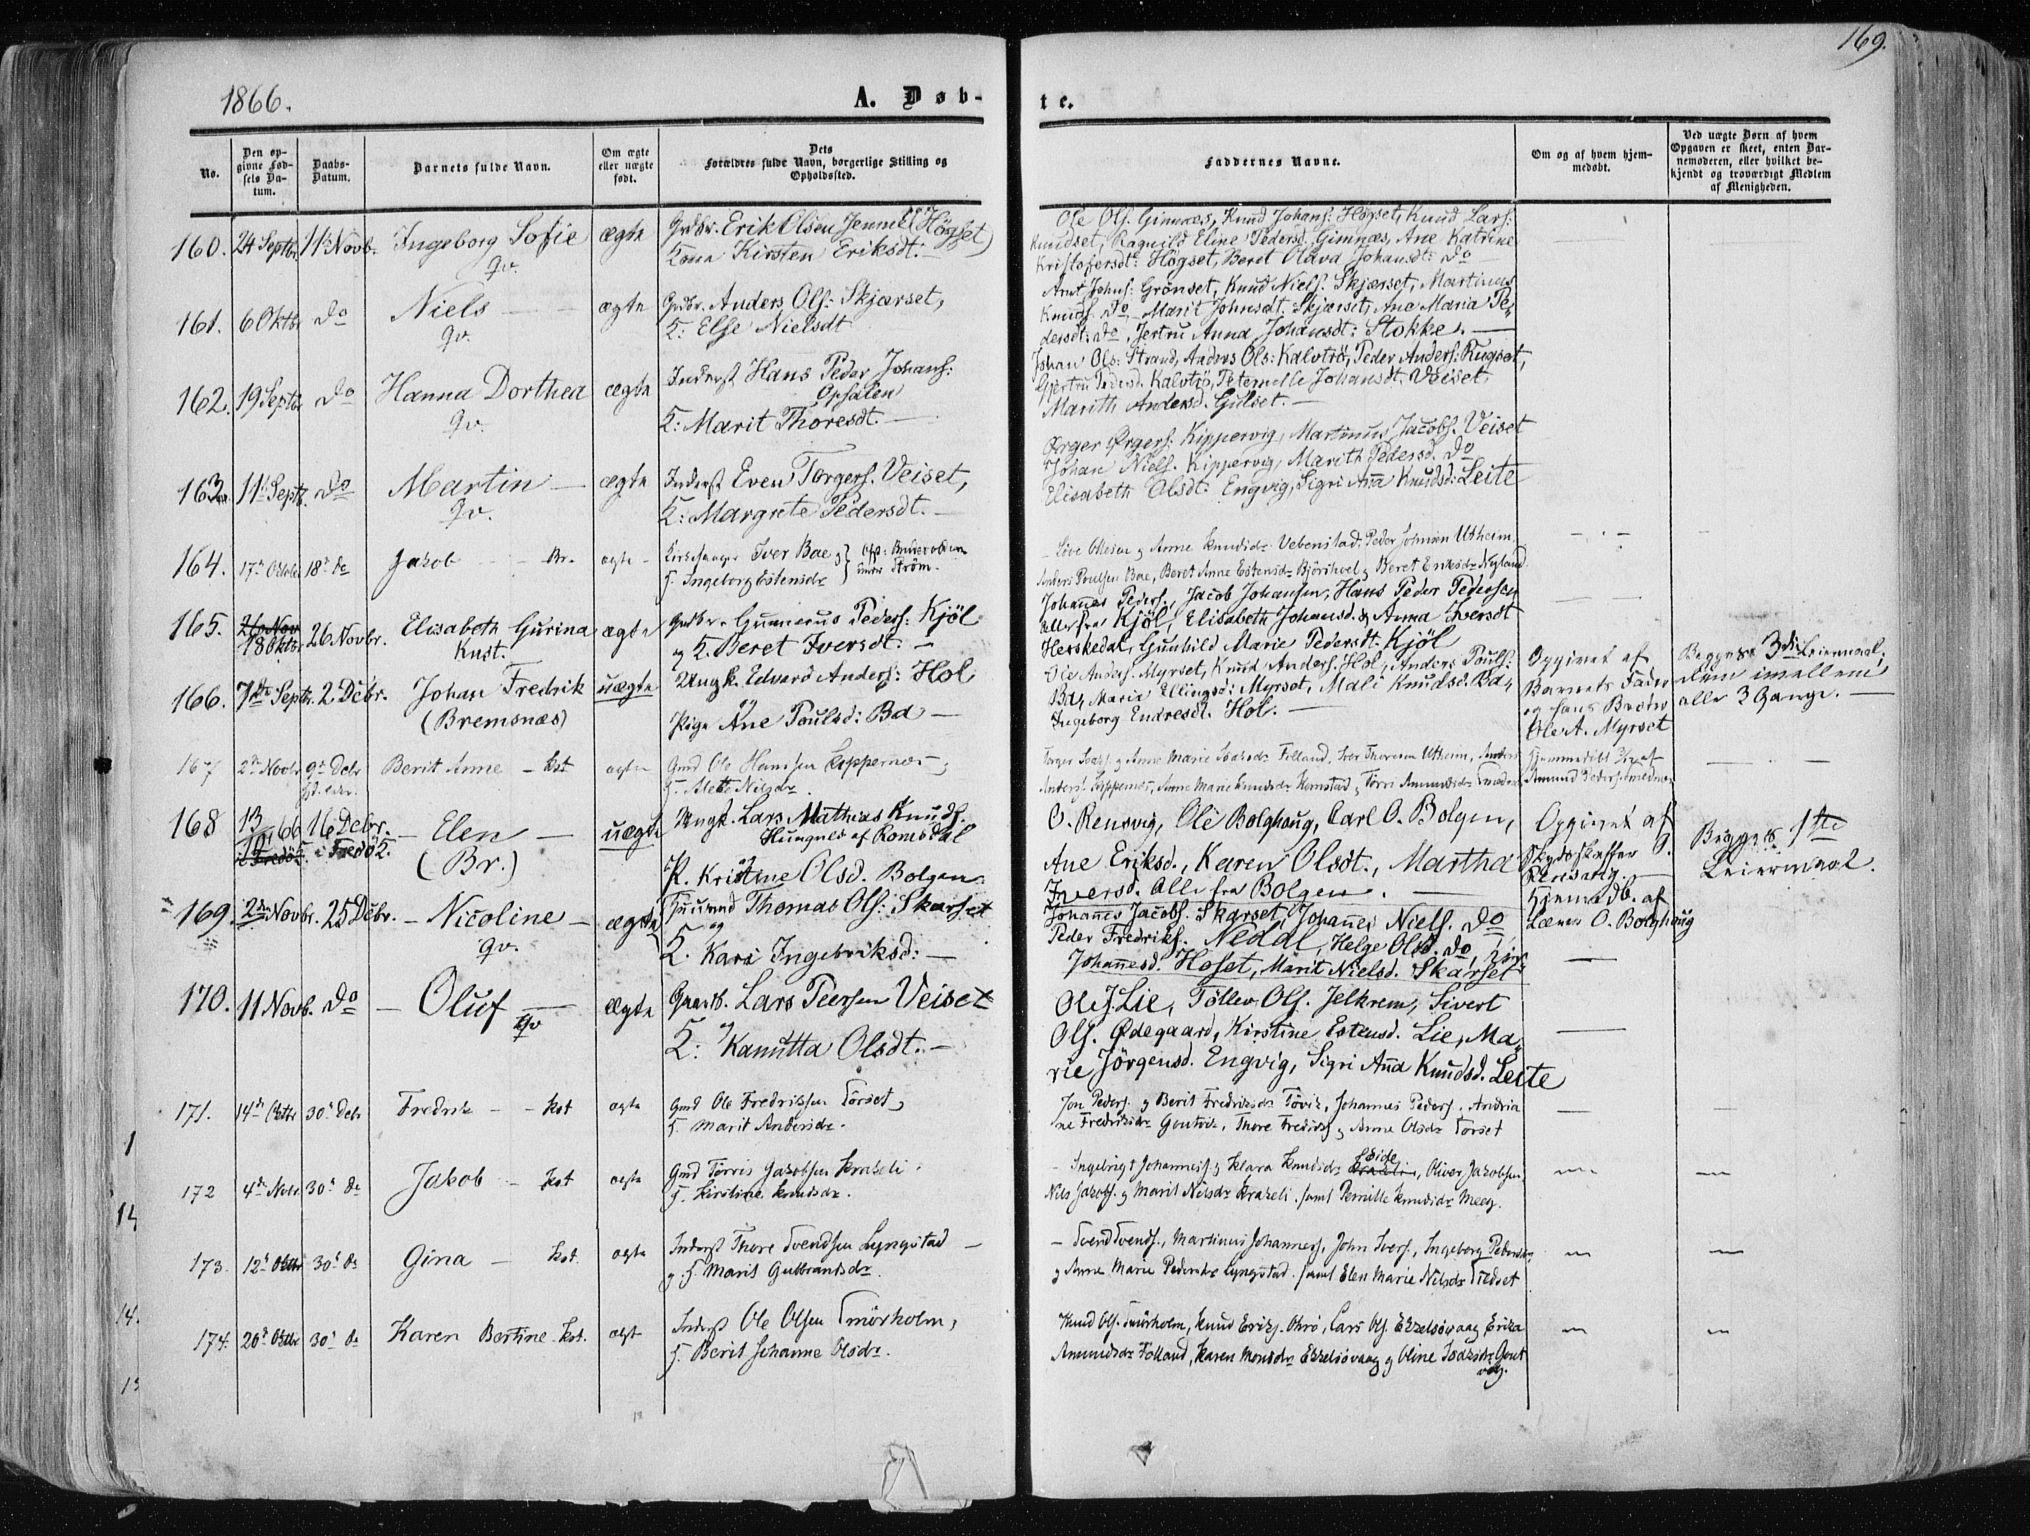 SAT, Ministerialprotokoller, klokkerbøker og fødselsregistre - Møre og Romsdal, 568/L0804: Ministerialbok nr. 568A11, 1854-1868, s. 169